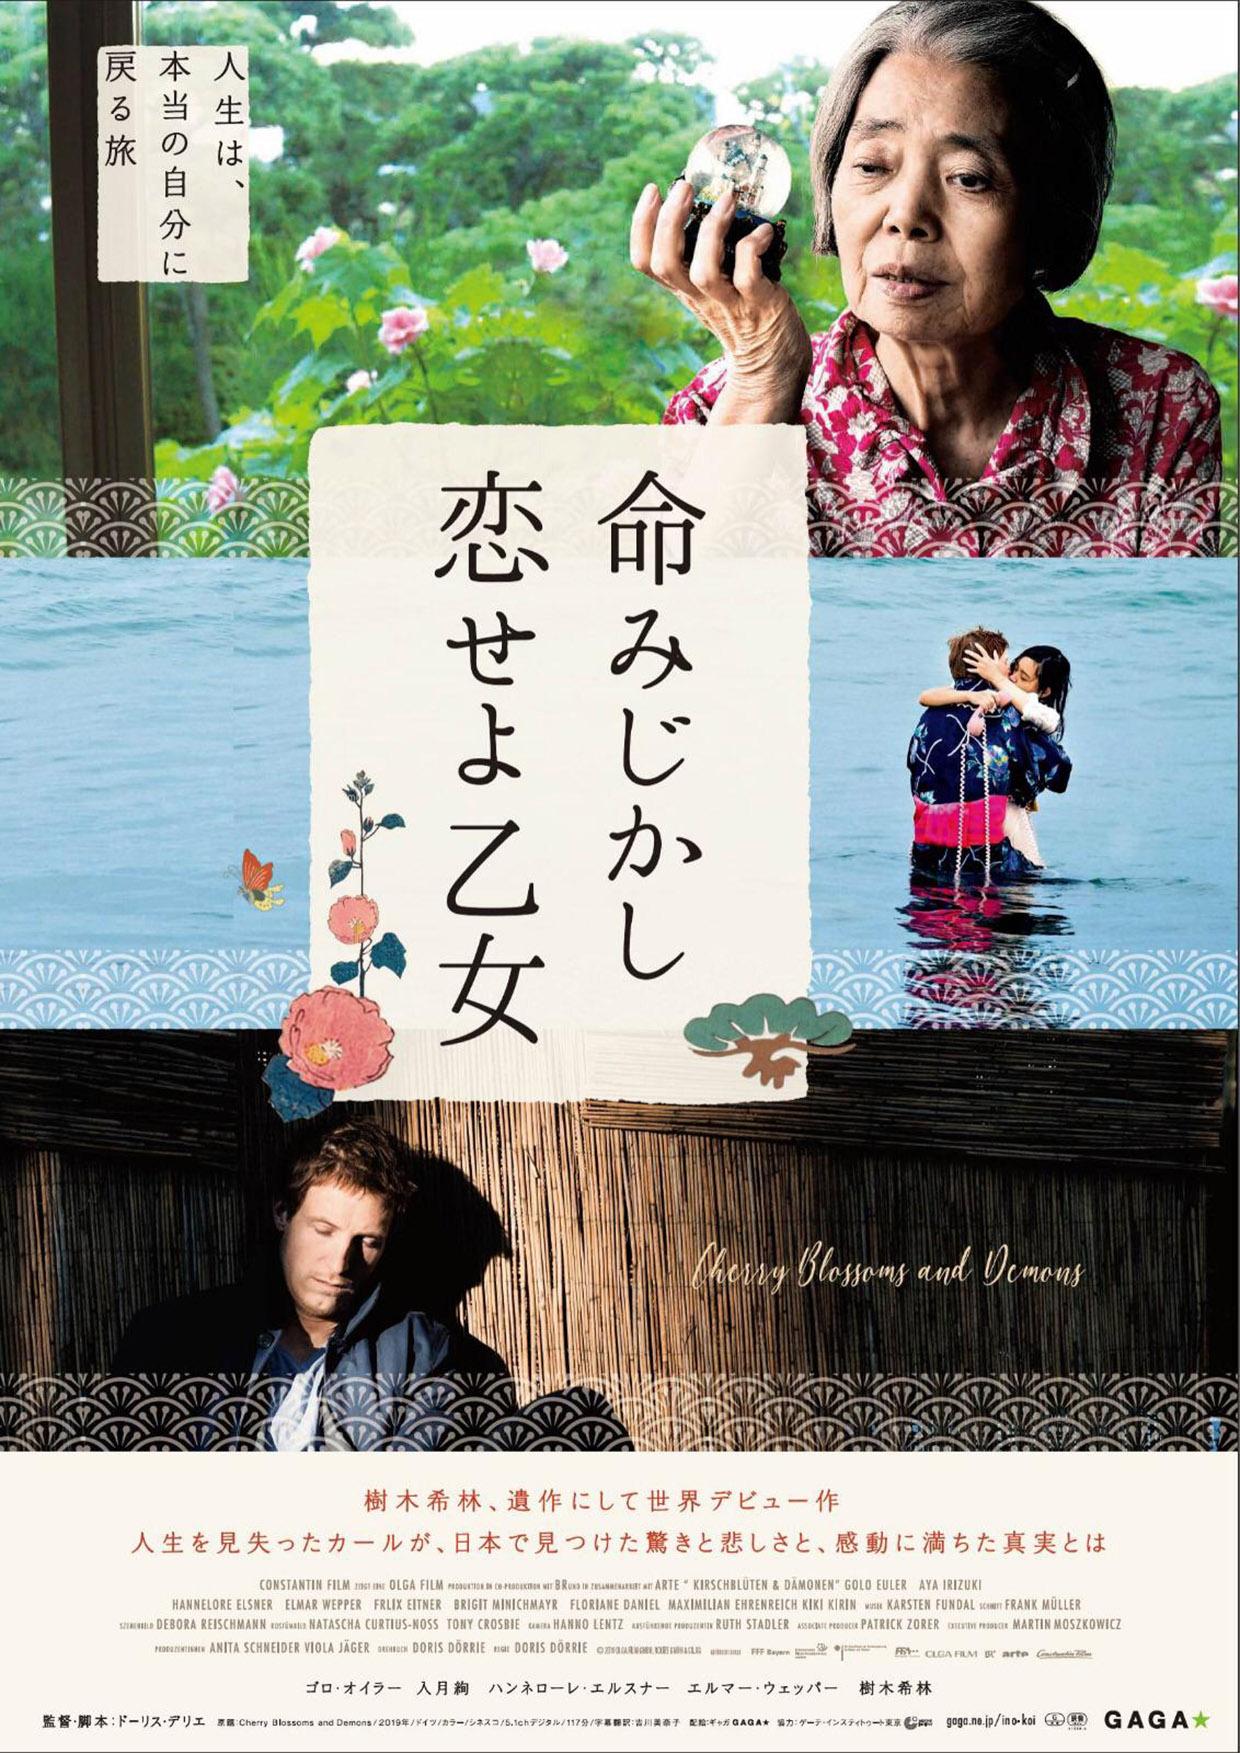 Dämonen_Plakat-Japan.jpg